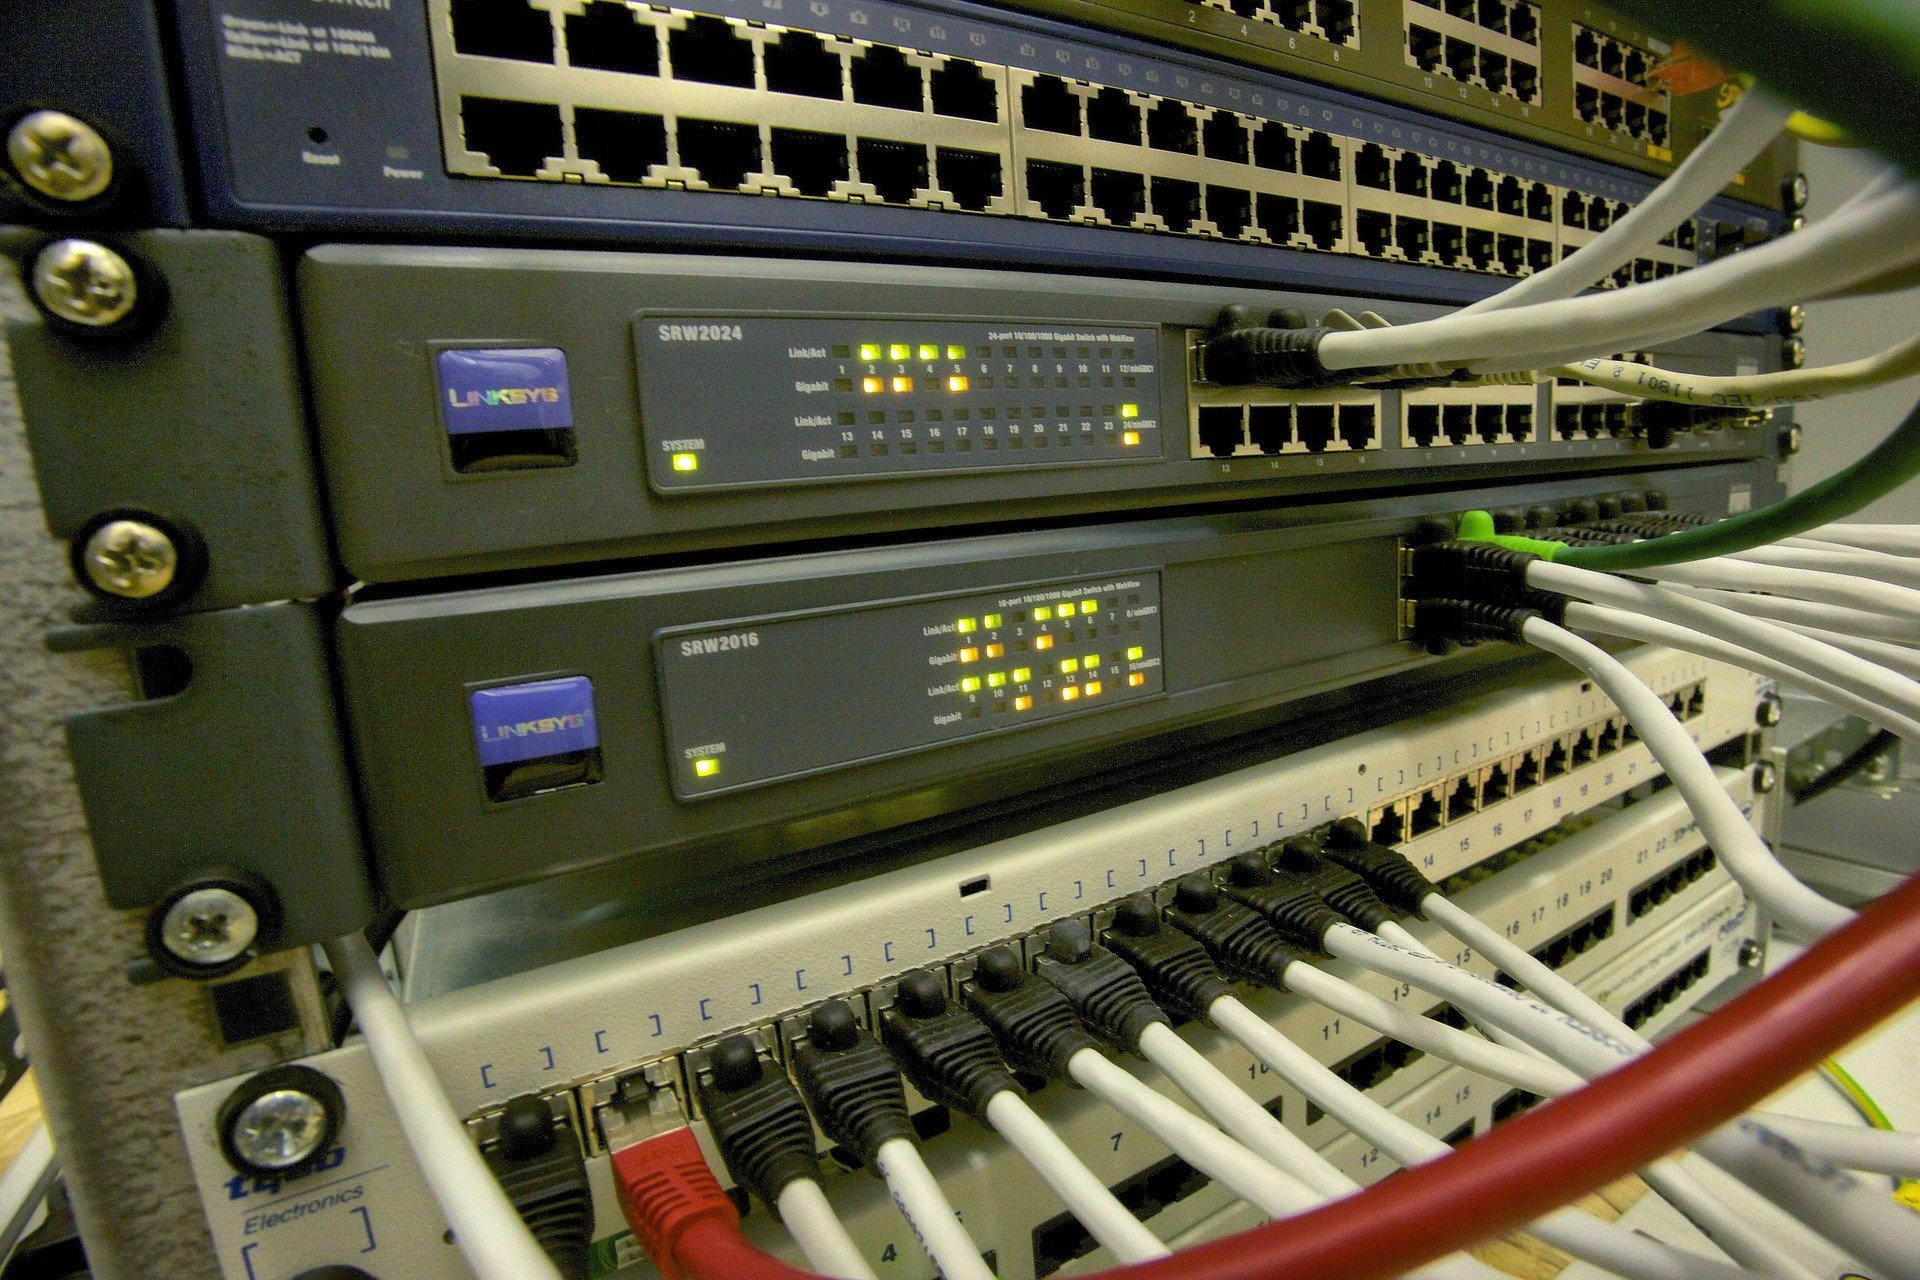 Imagem mostra um switch de rede com muitas portas em destaque.